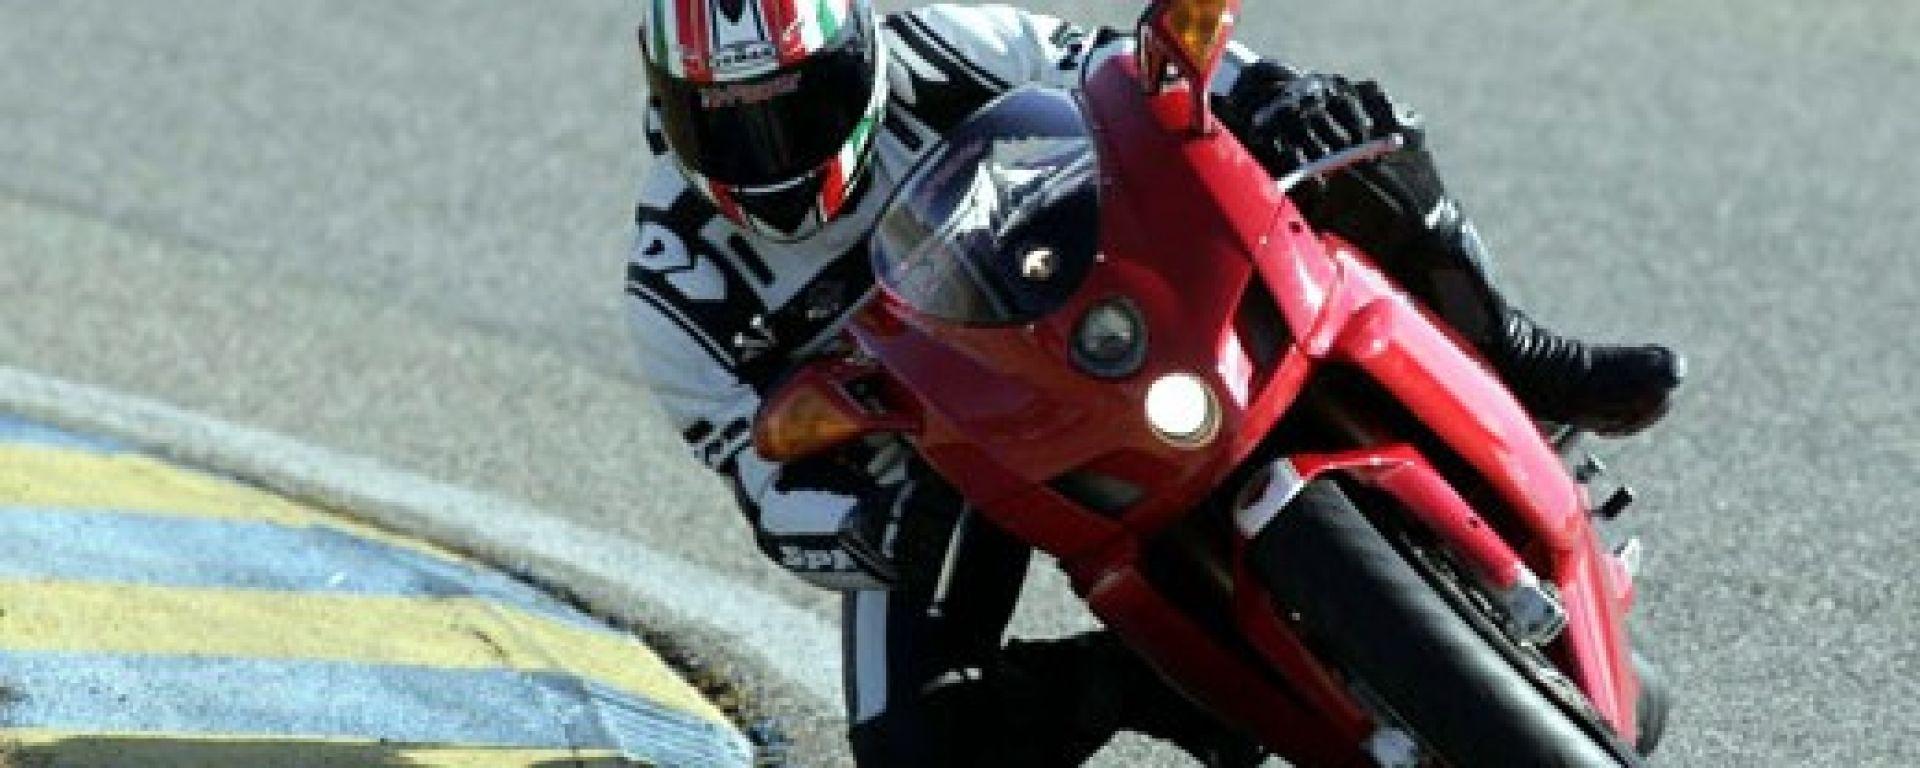 Ducati 749 R e Ducati 999 R